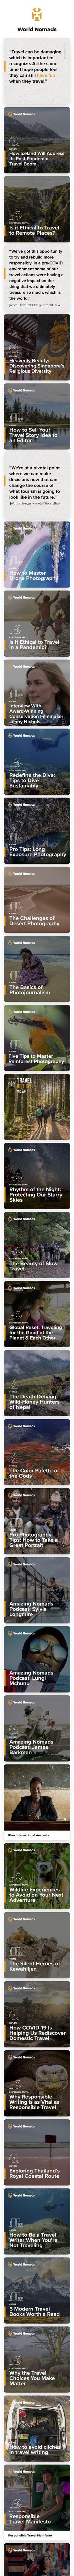 #travel #nomads #pinterestinspired #inspiration